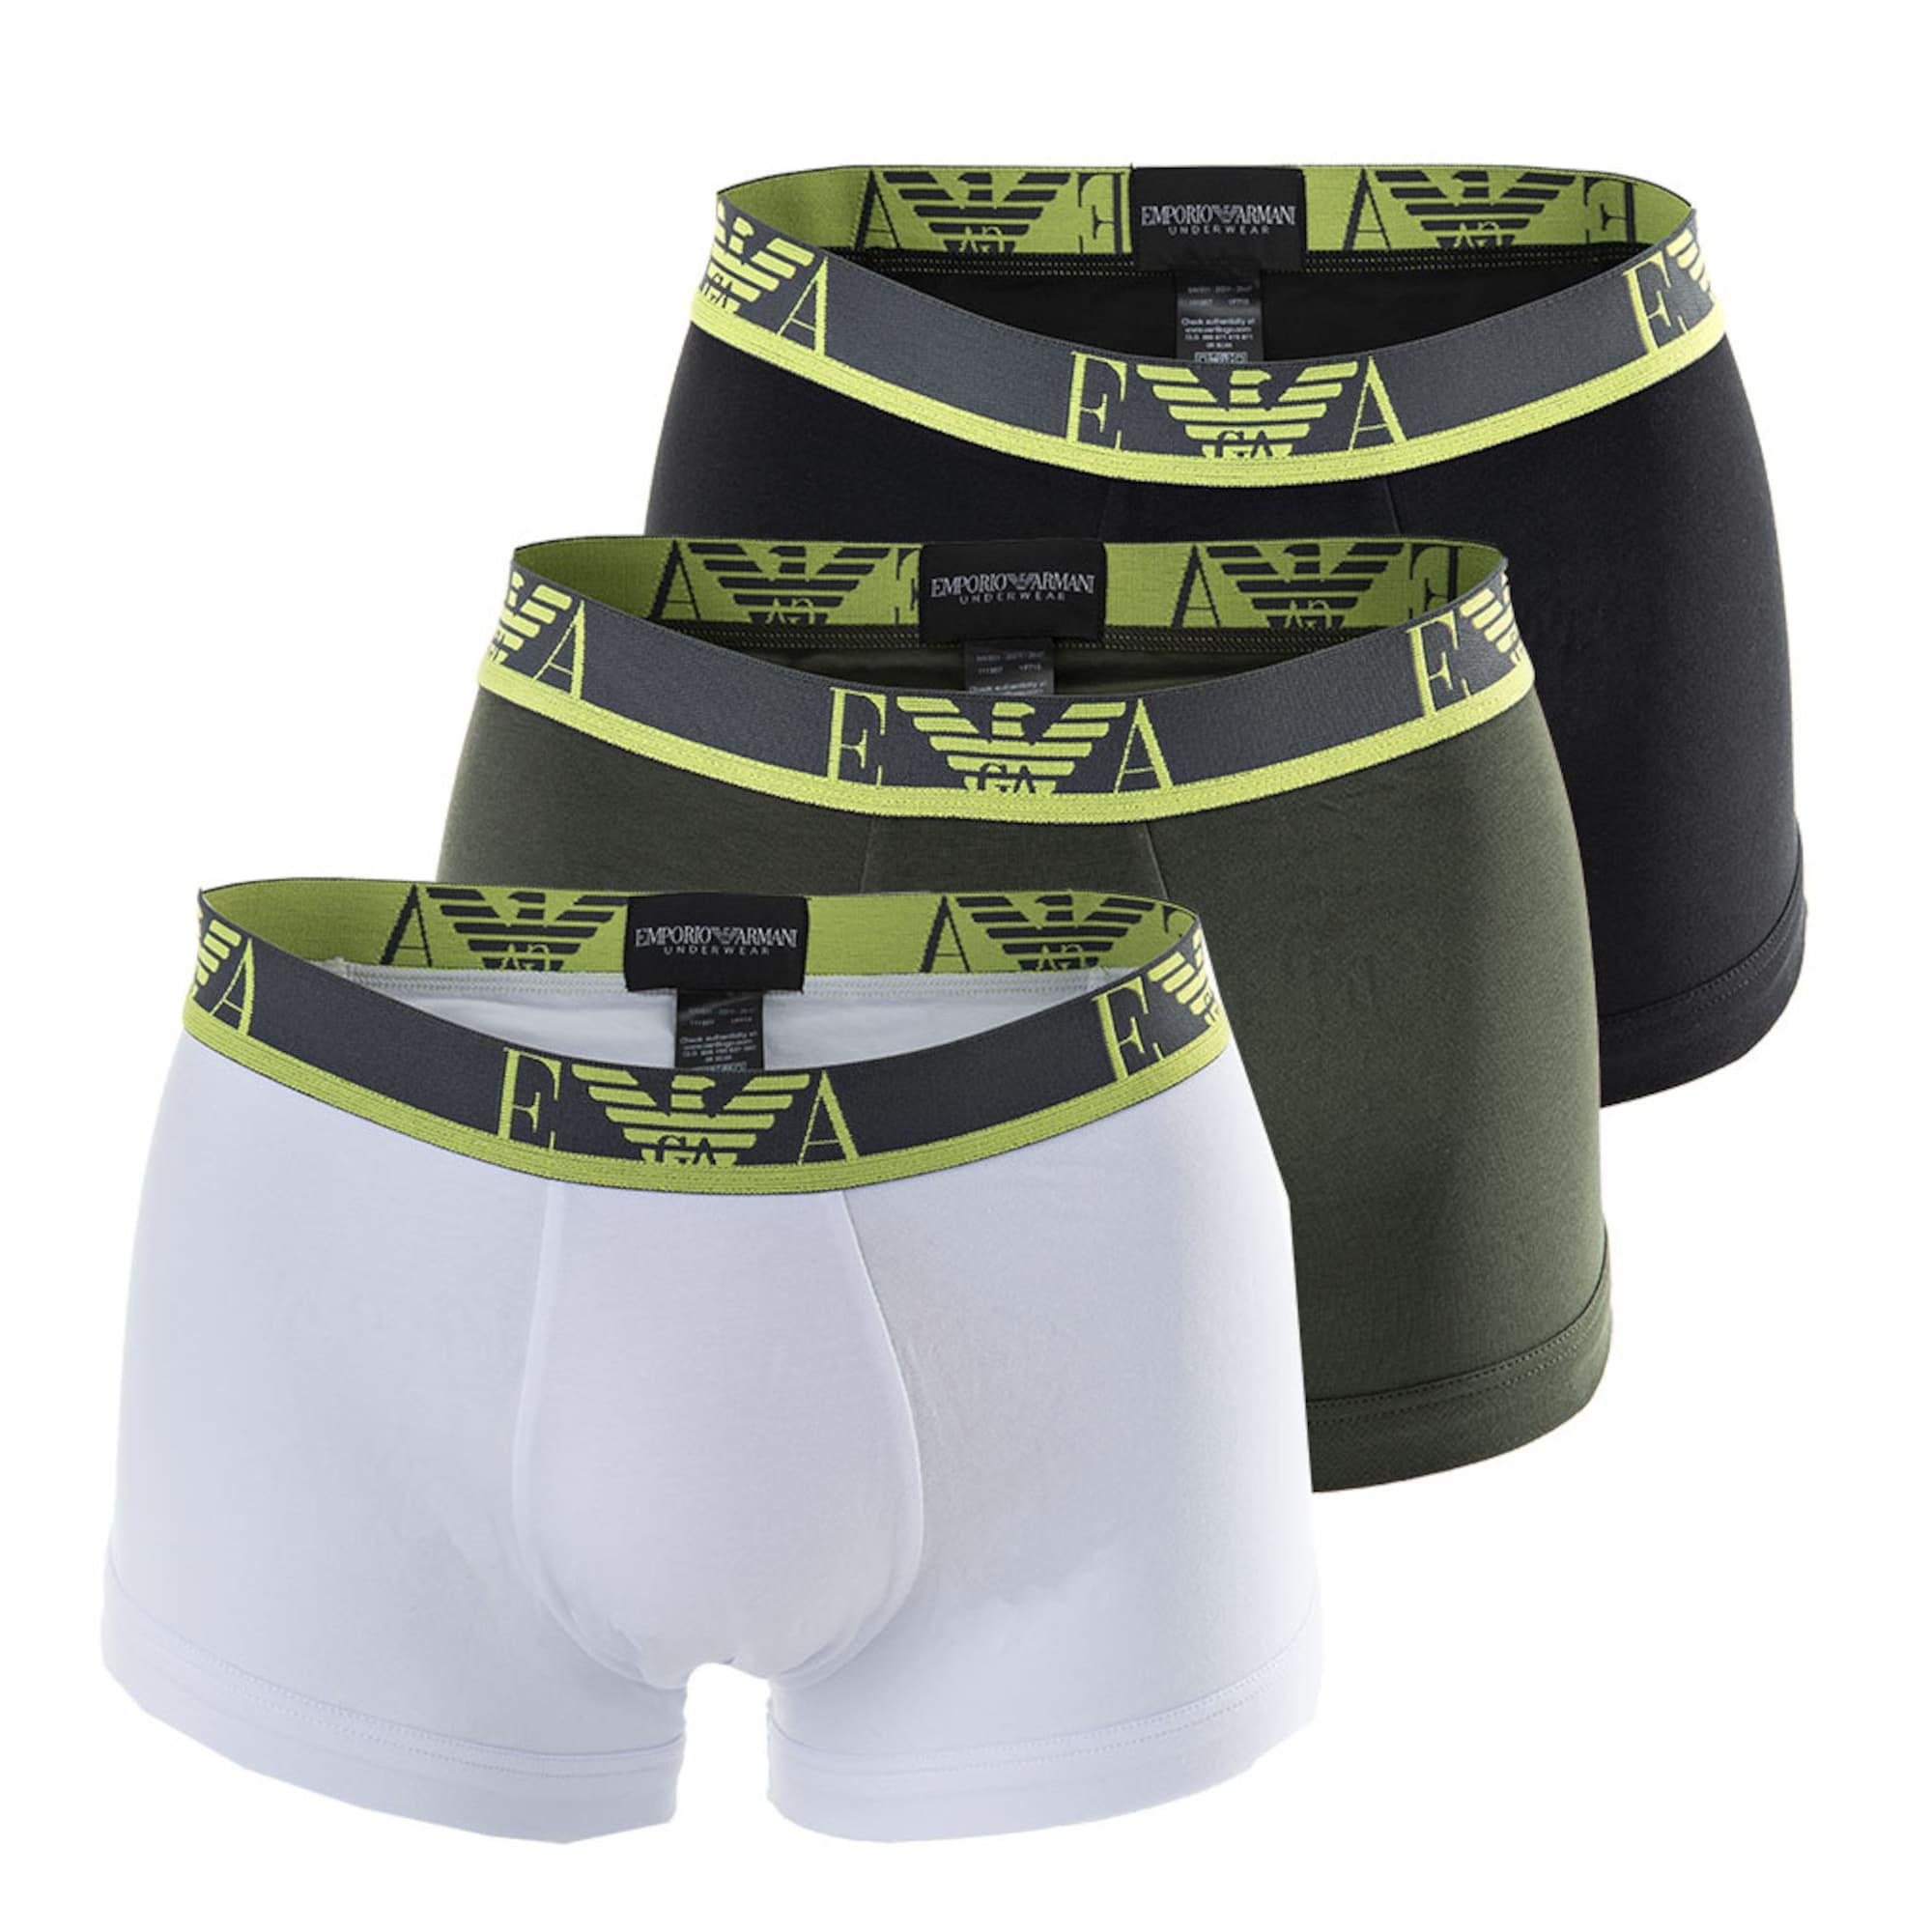 Emporio Armani Boxer trumpikės tamsiai pilka / juoda / neoninė geltona / balta / alyvuogių spalva